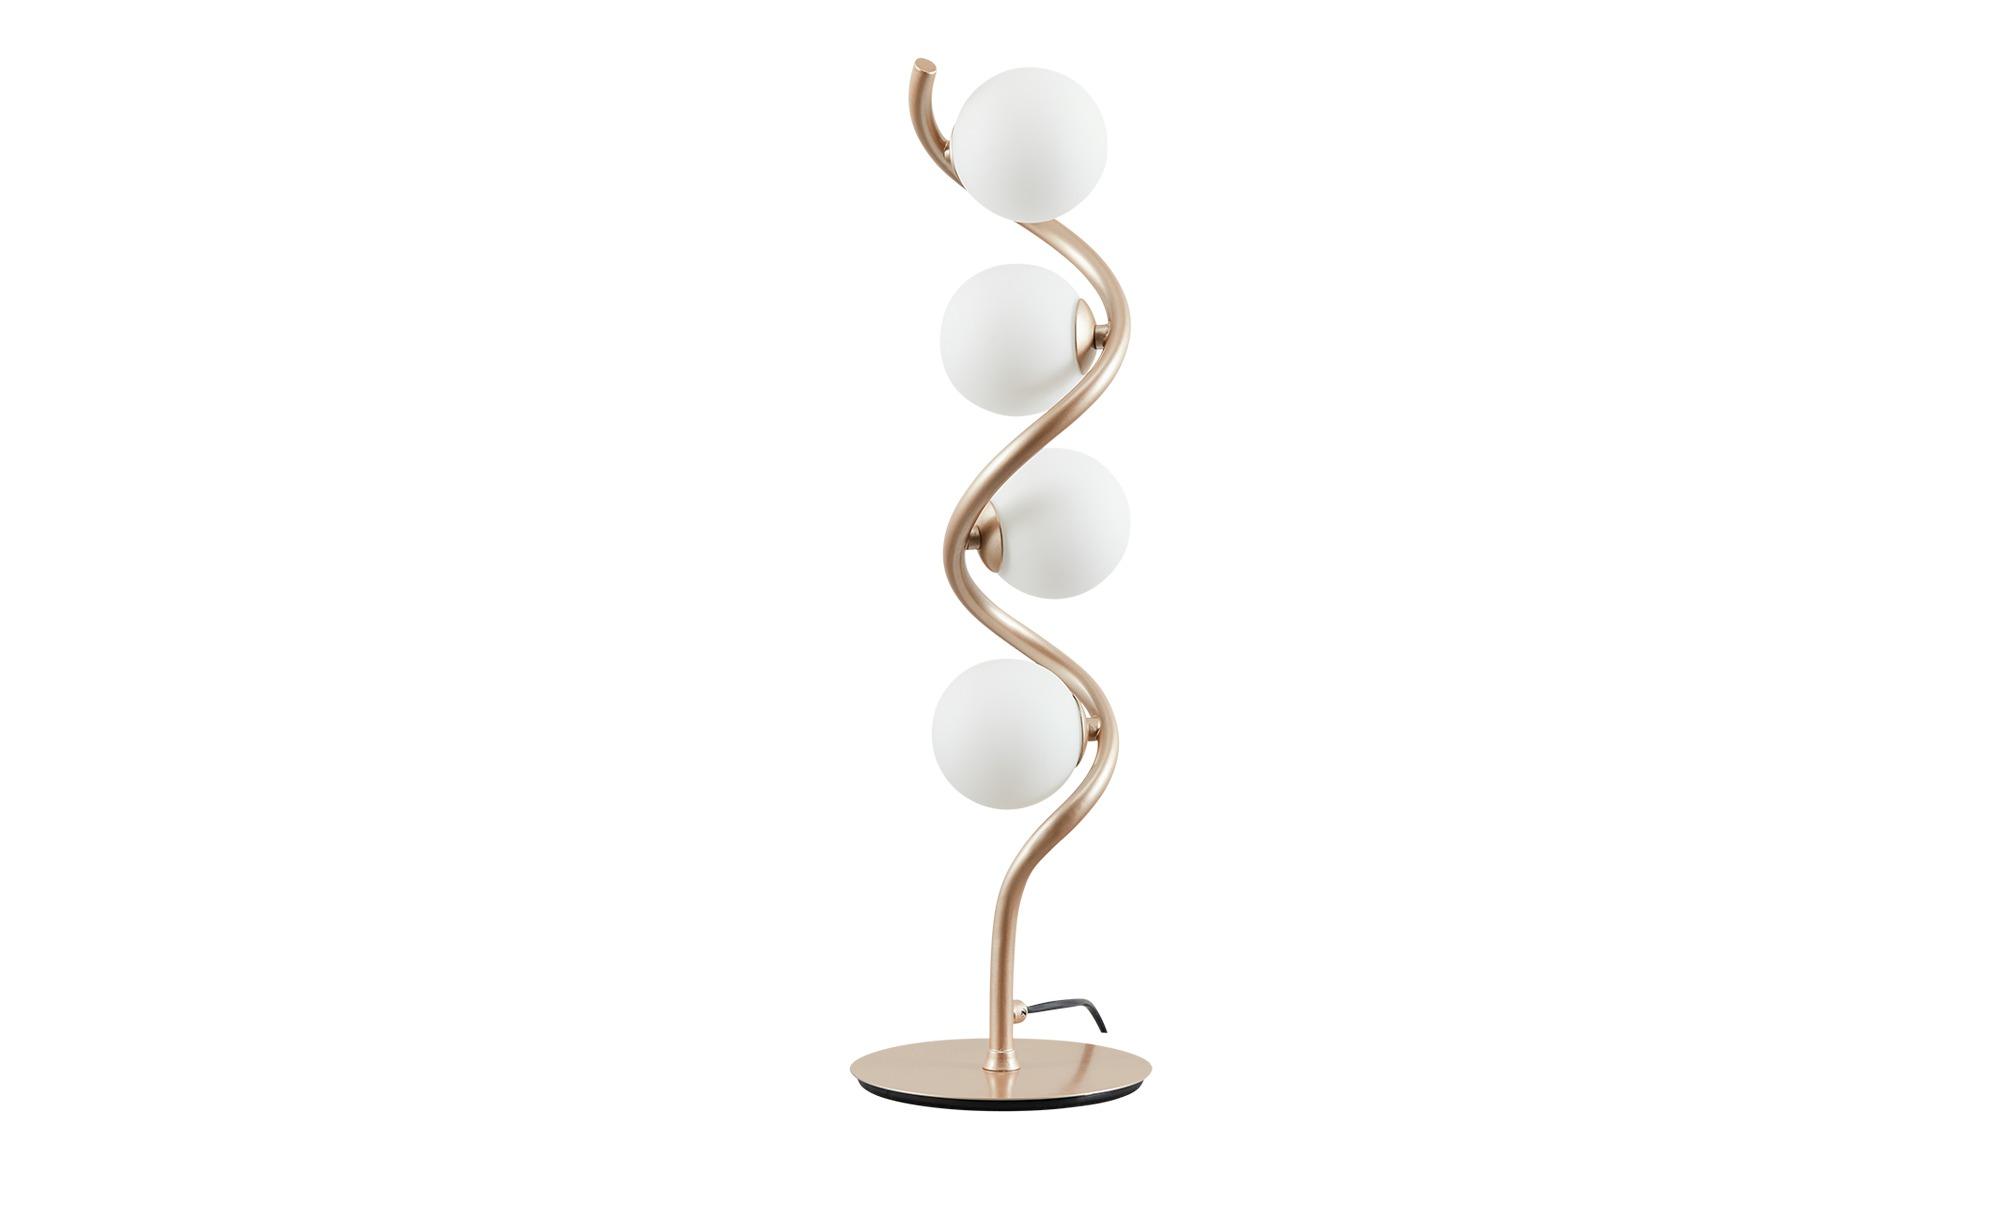 KHG LED-Tischleuchte,  4-flammig, goldfarben ¦ gold ¦ Maße (cm): B: 17 H: 55 Lampen & Leuchten > Innenleuchten > Tischlampen - Höffner